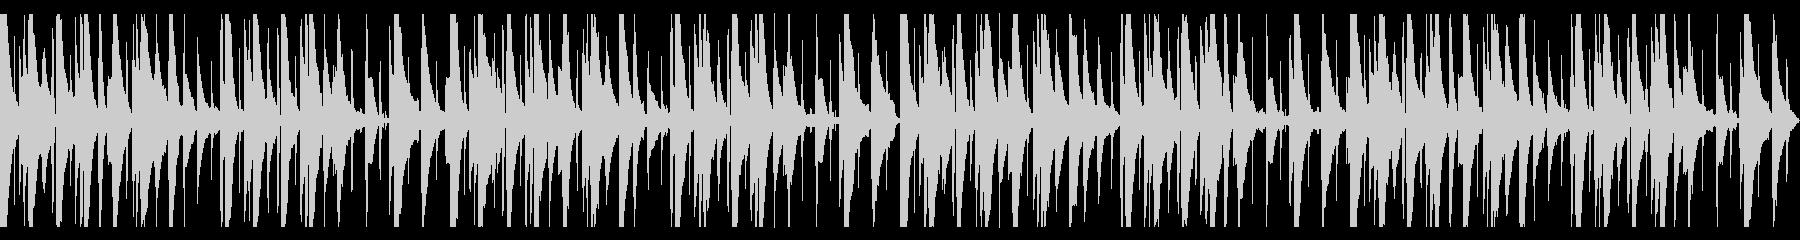 ピアノLofi Hiphopの未再生の波形